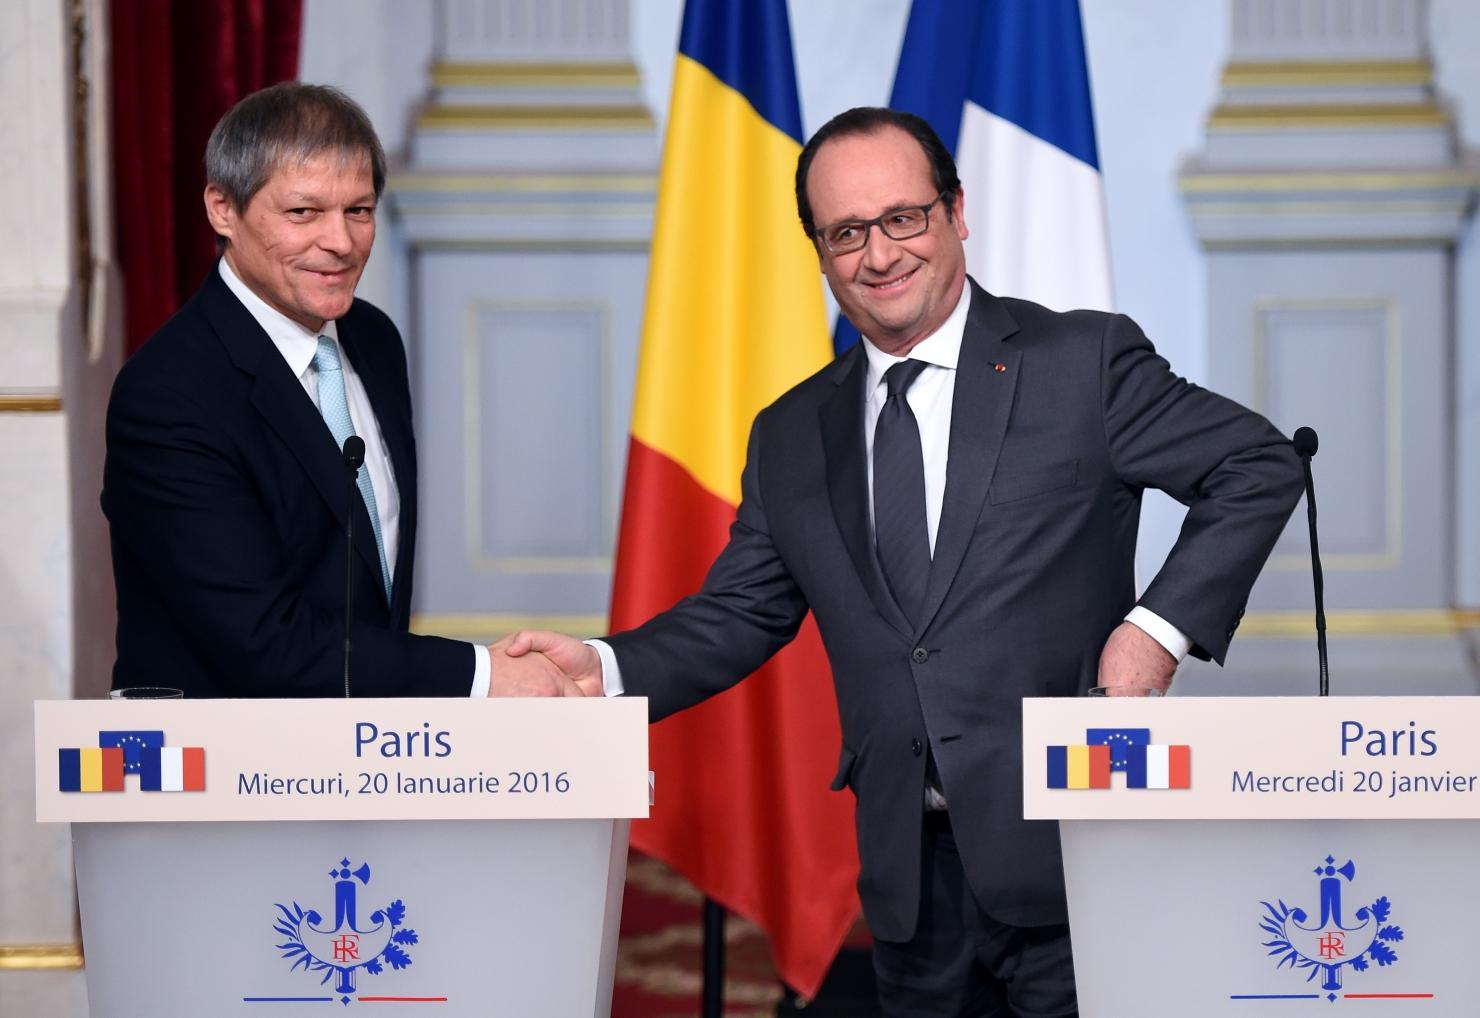 Dacian Cioloș și Francois Hollande